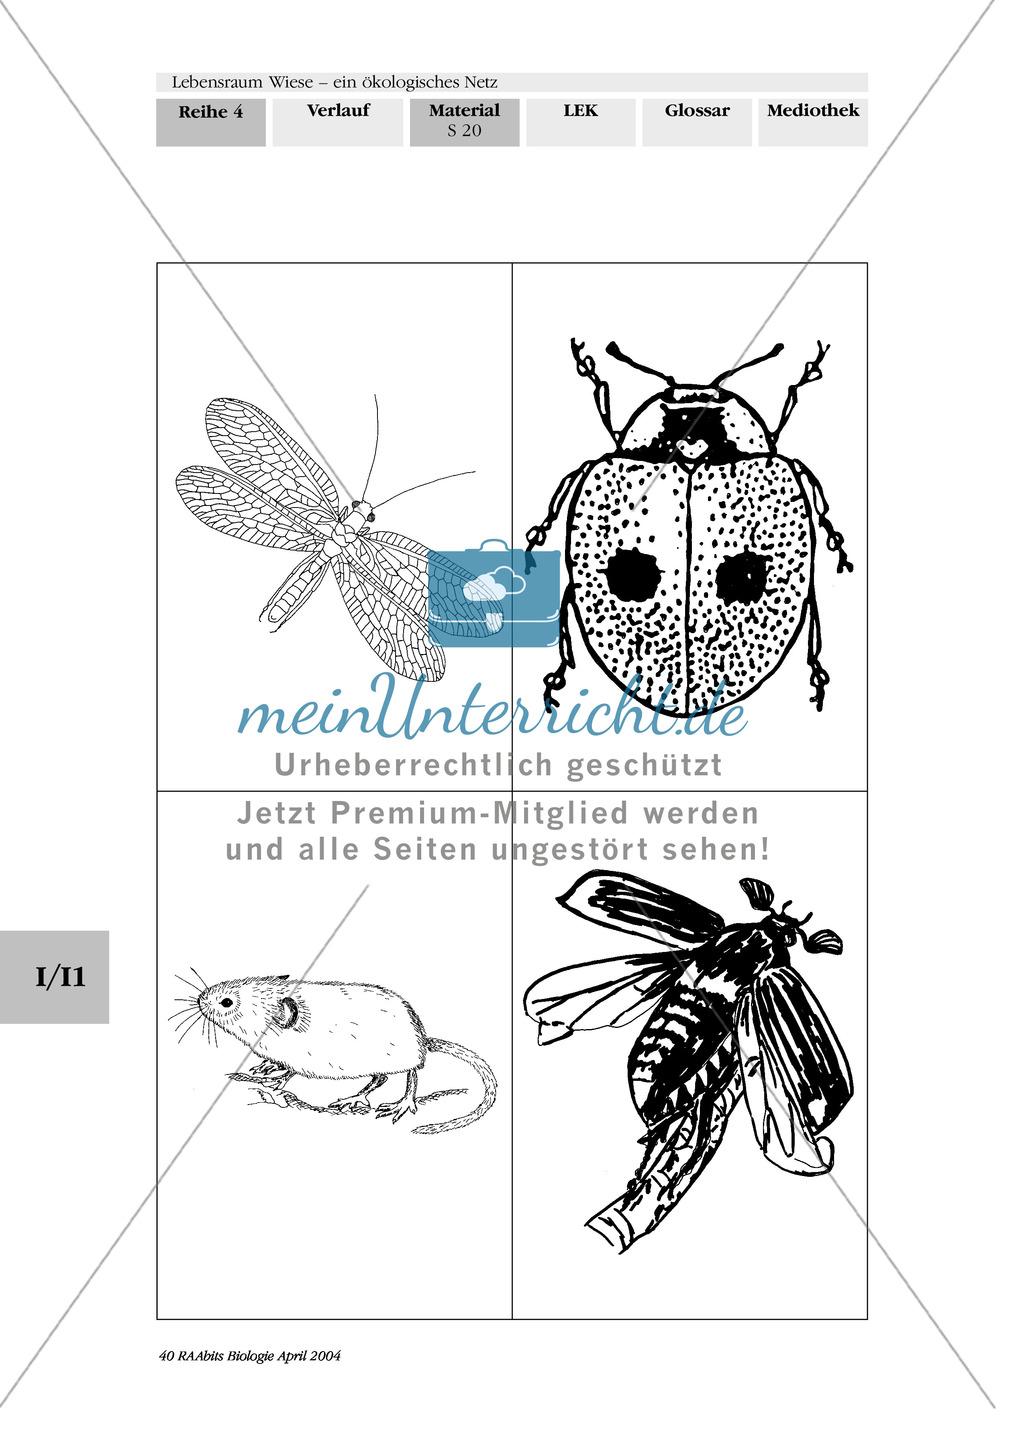 Lebensraum Wiese: Das ökologische Netz einer Wiese - Text- und Bildkarten Preview 16